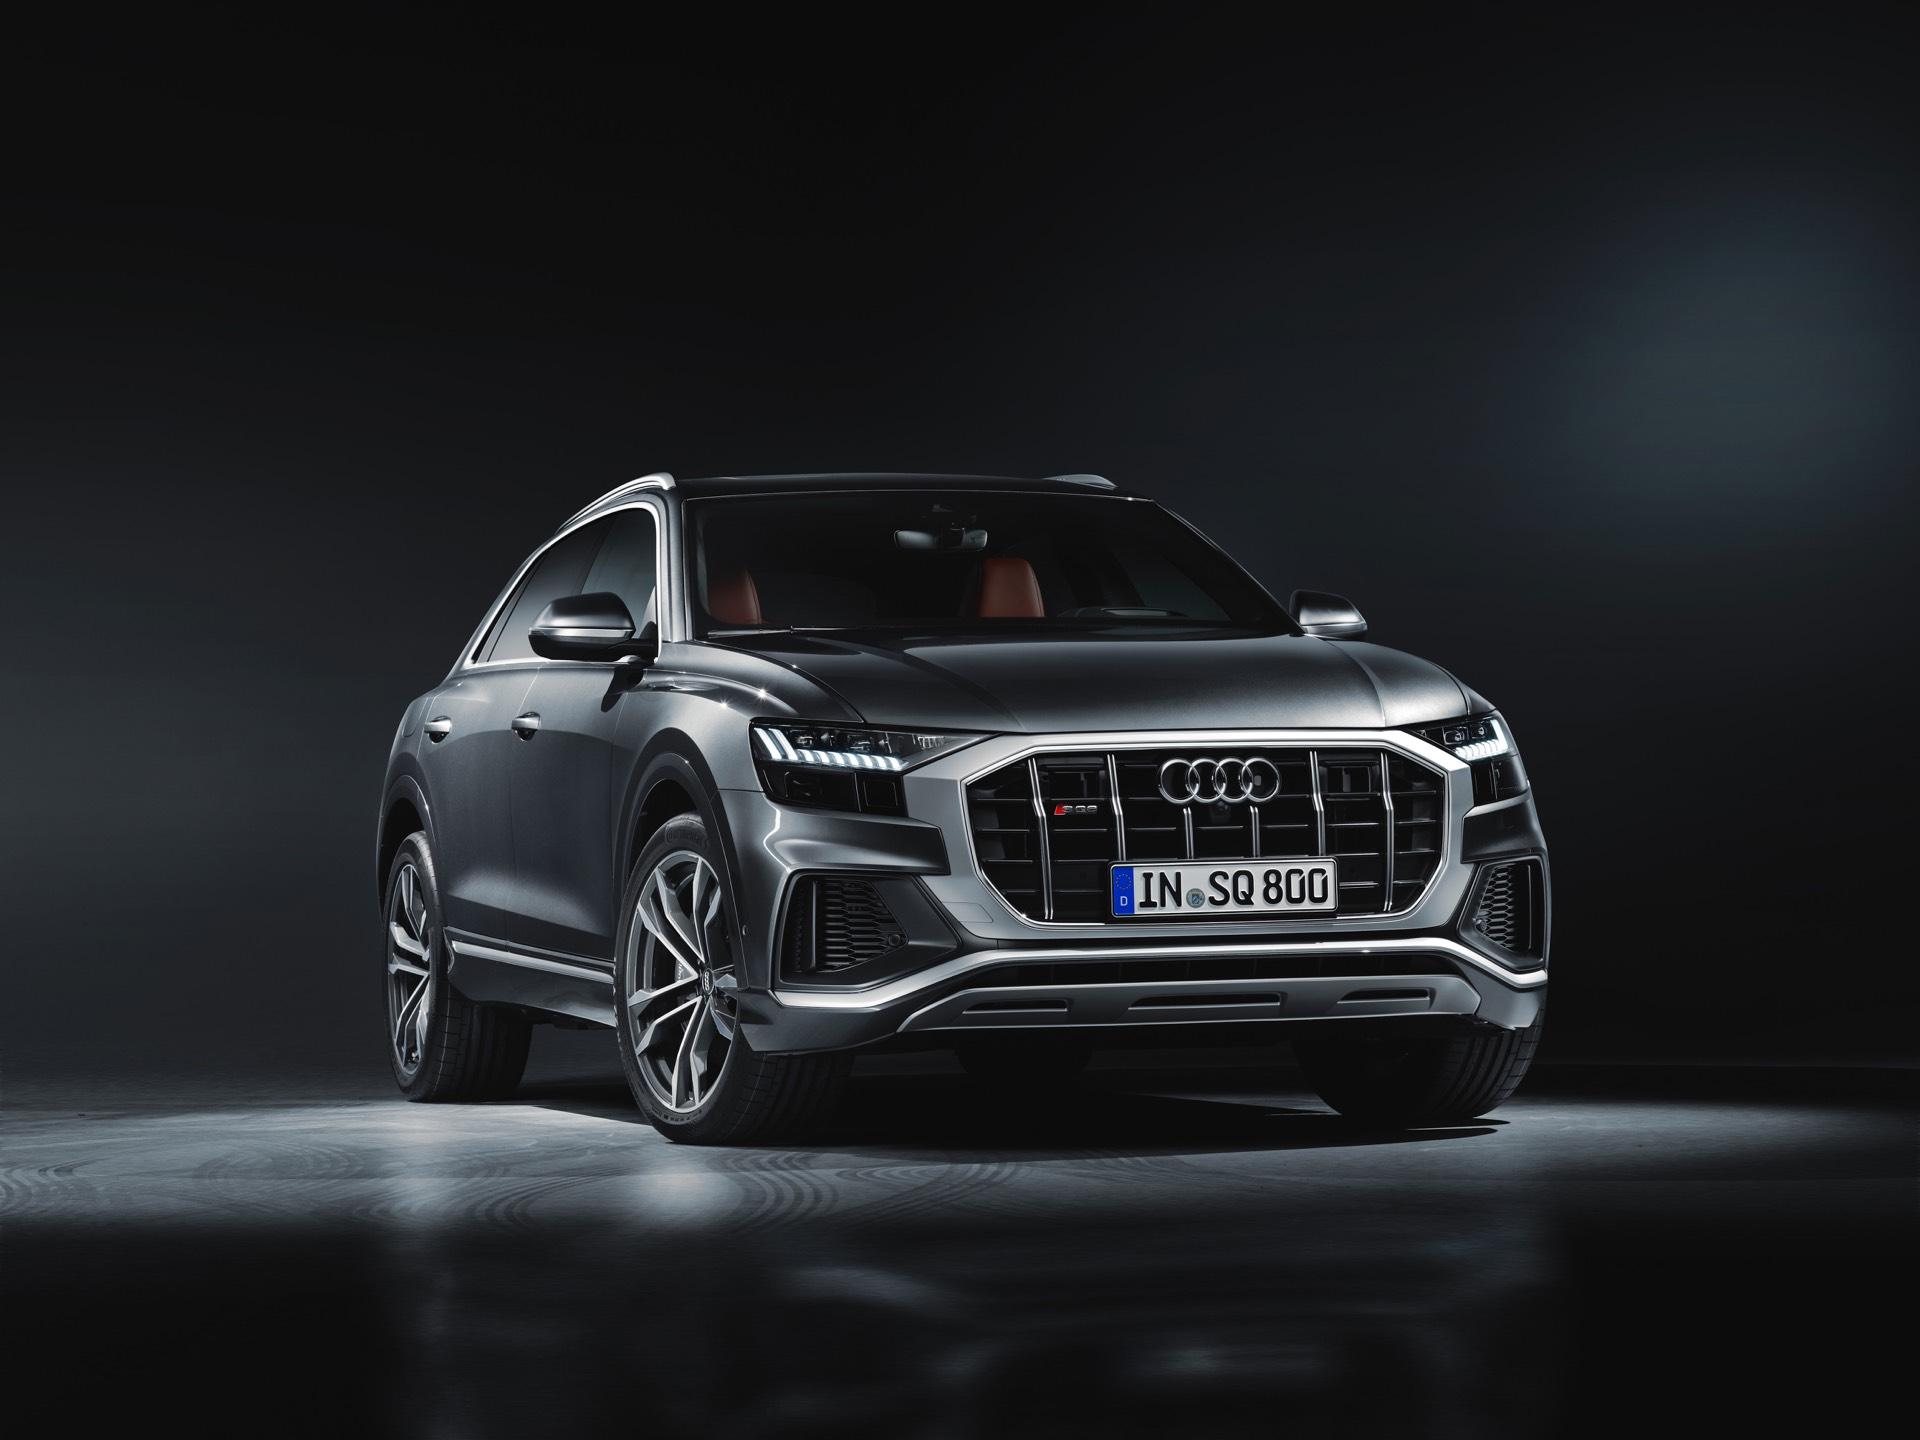 Audi-SQ8-TDI-2019-1